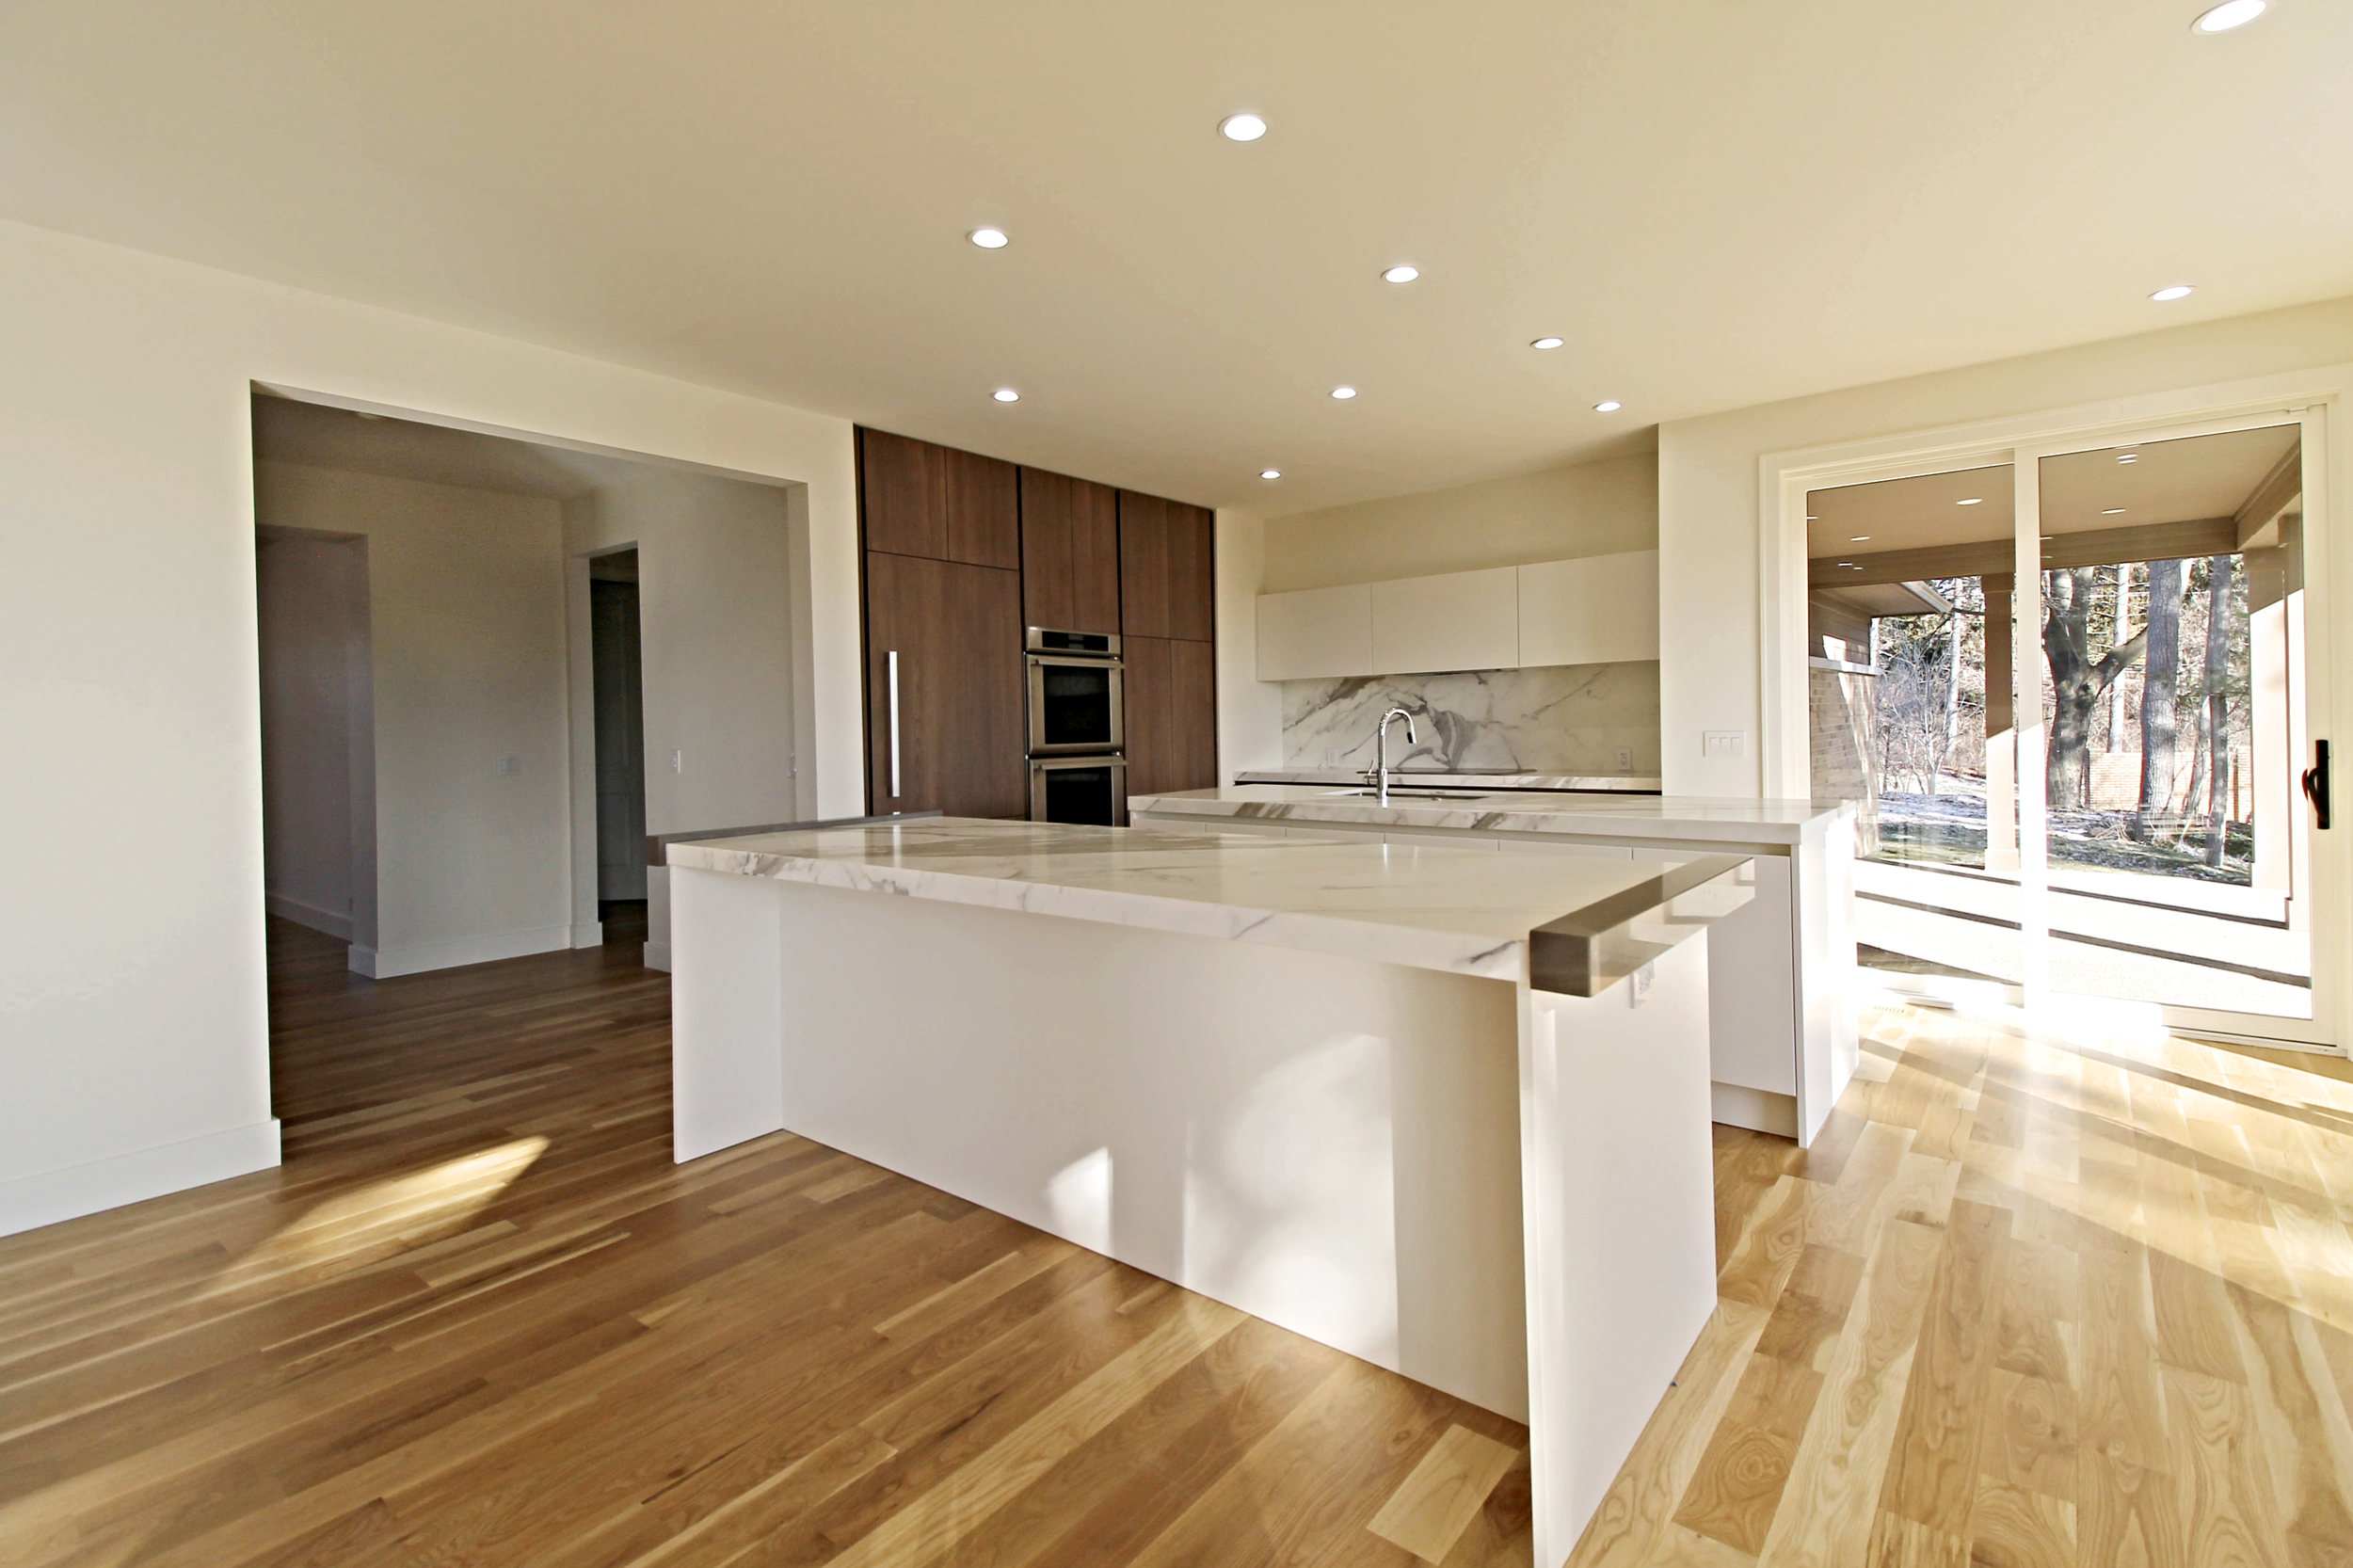 kitchen1*.jpg